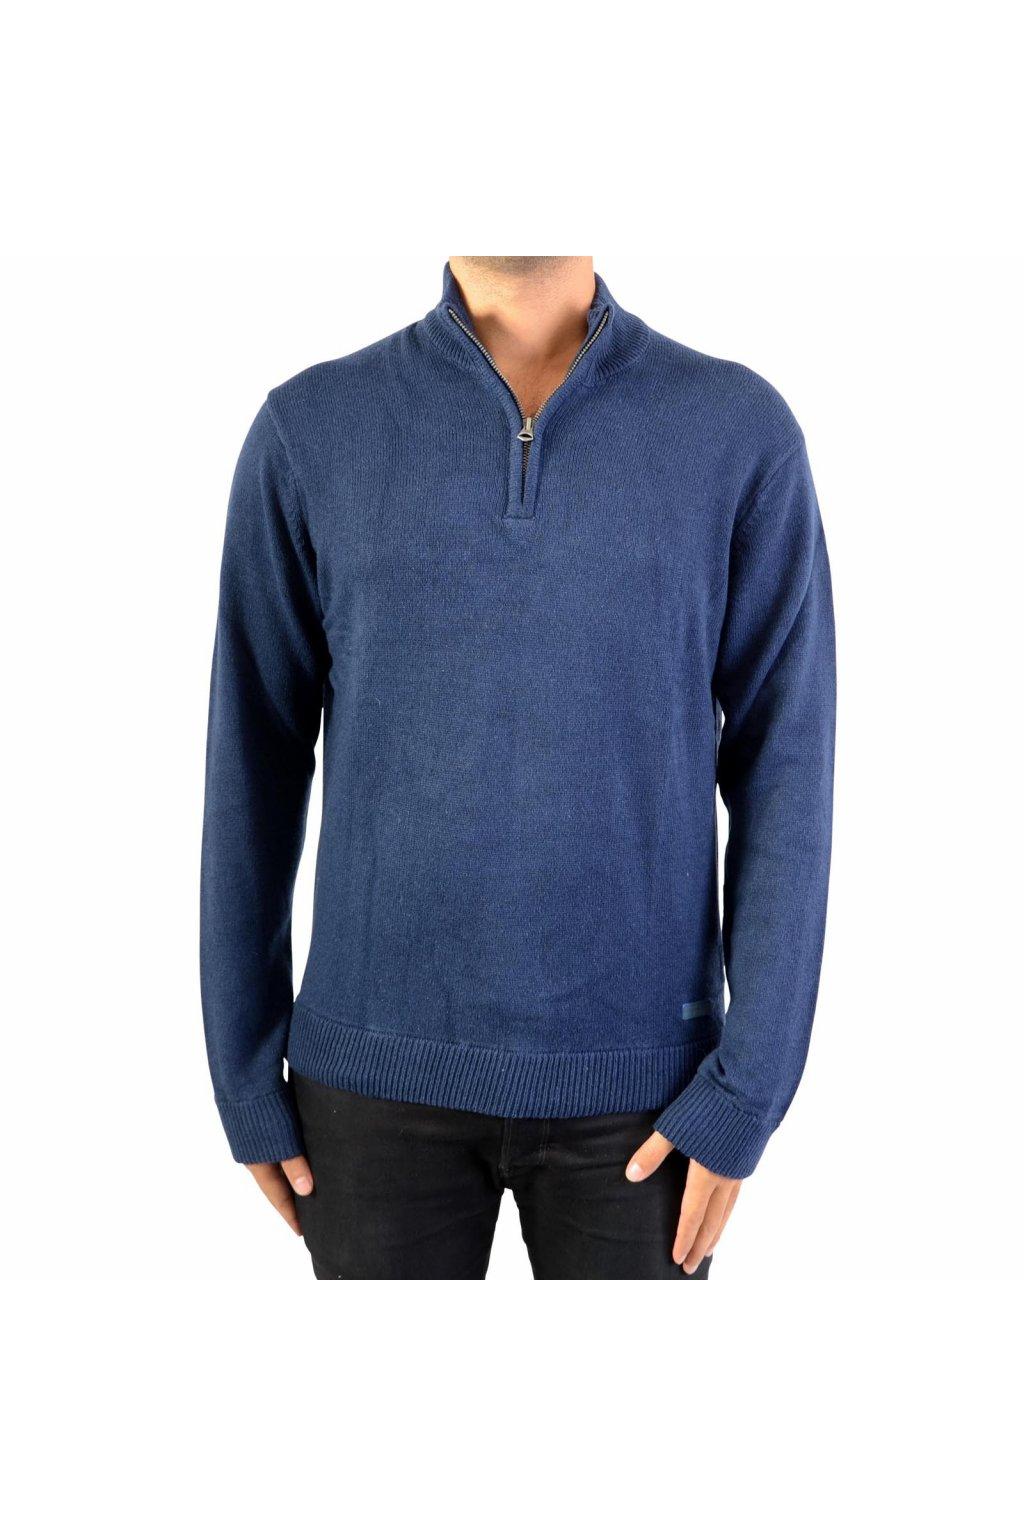 Pánský svetr Pepe Jeans PM701356 JON